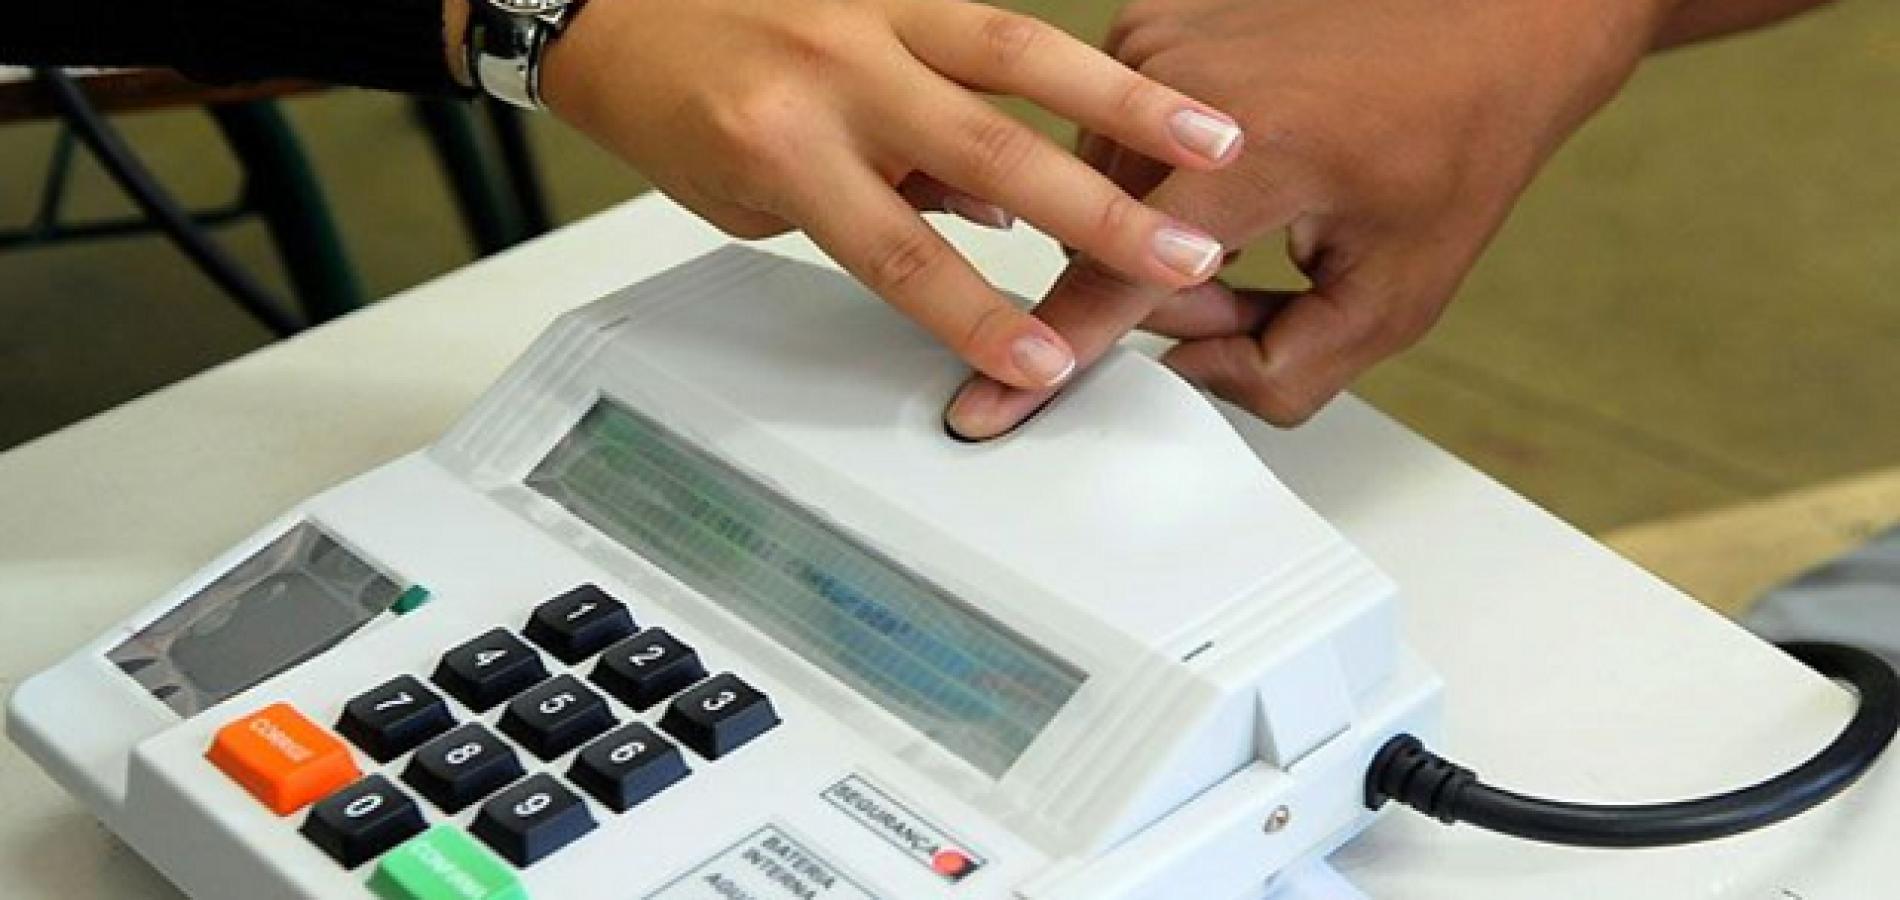 Piauí é um dos 10 estados que concluíram o cadastramento biométrico